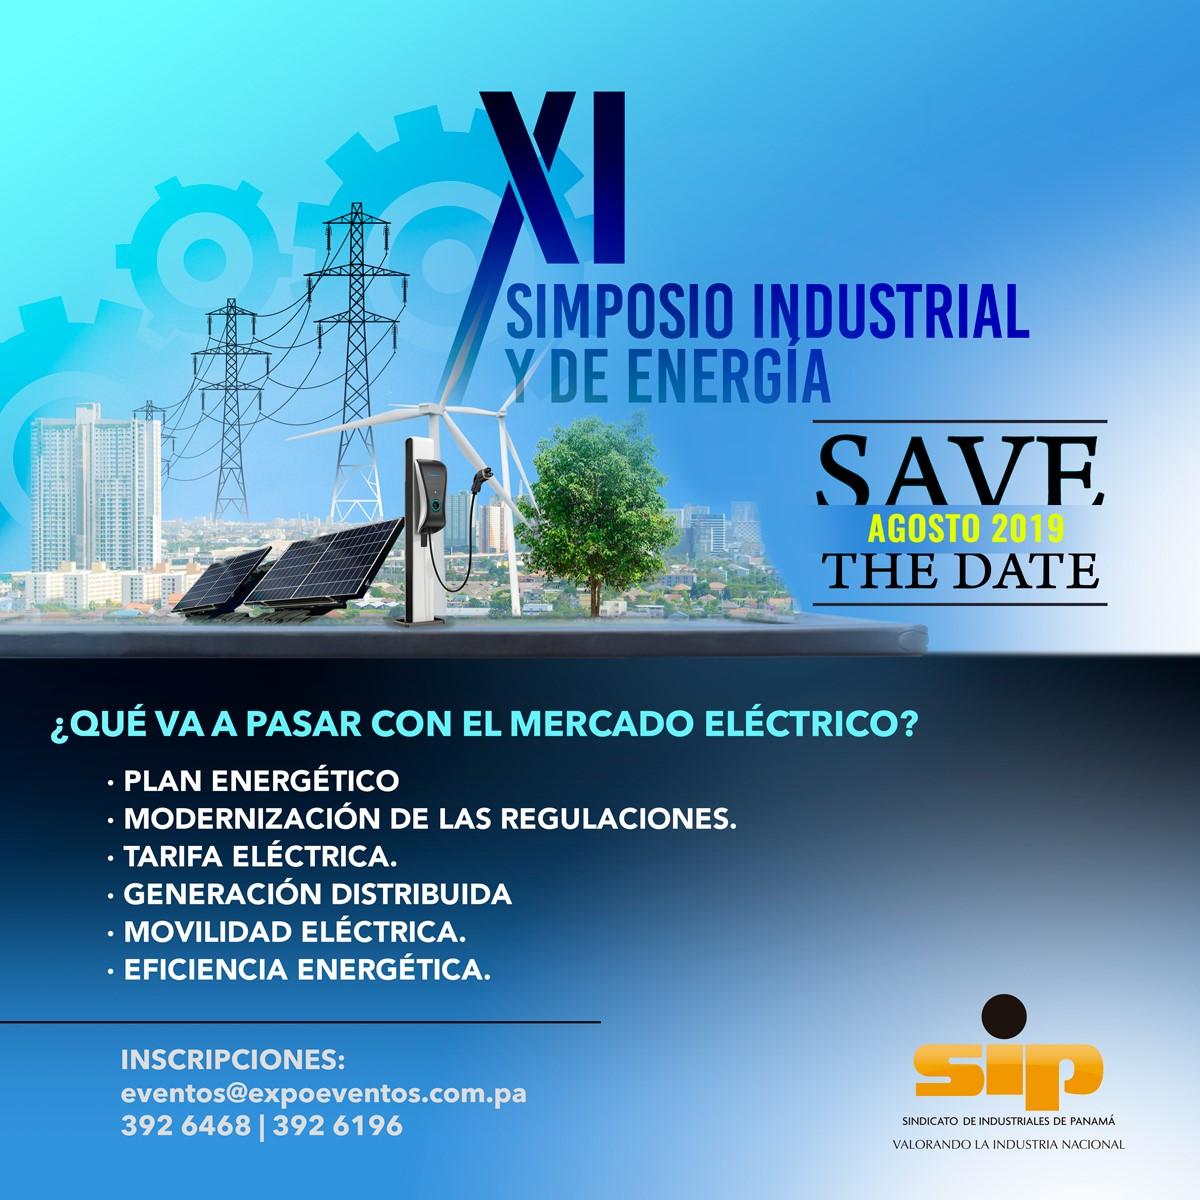 XI Simposio Industrial y de Energía